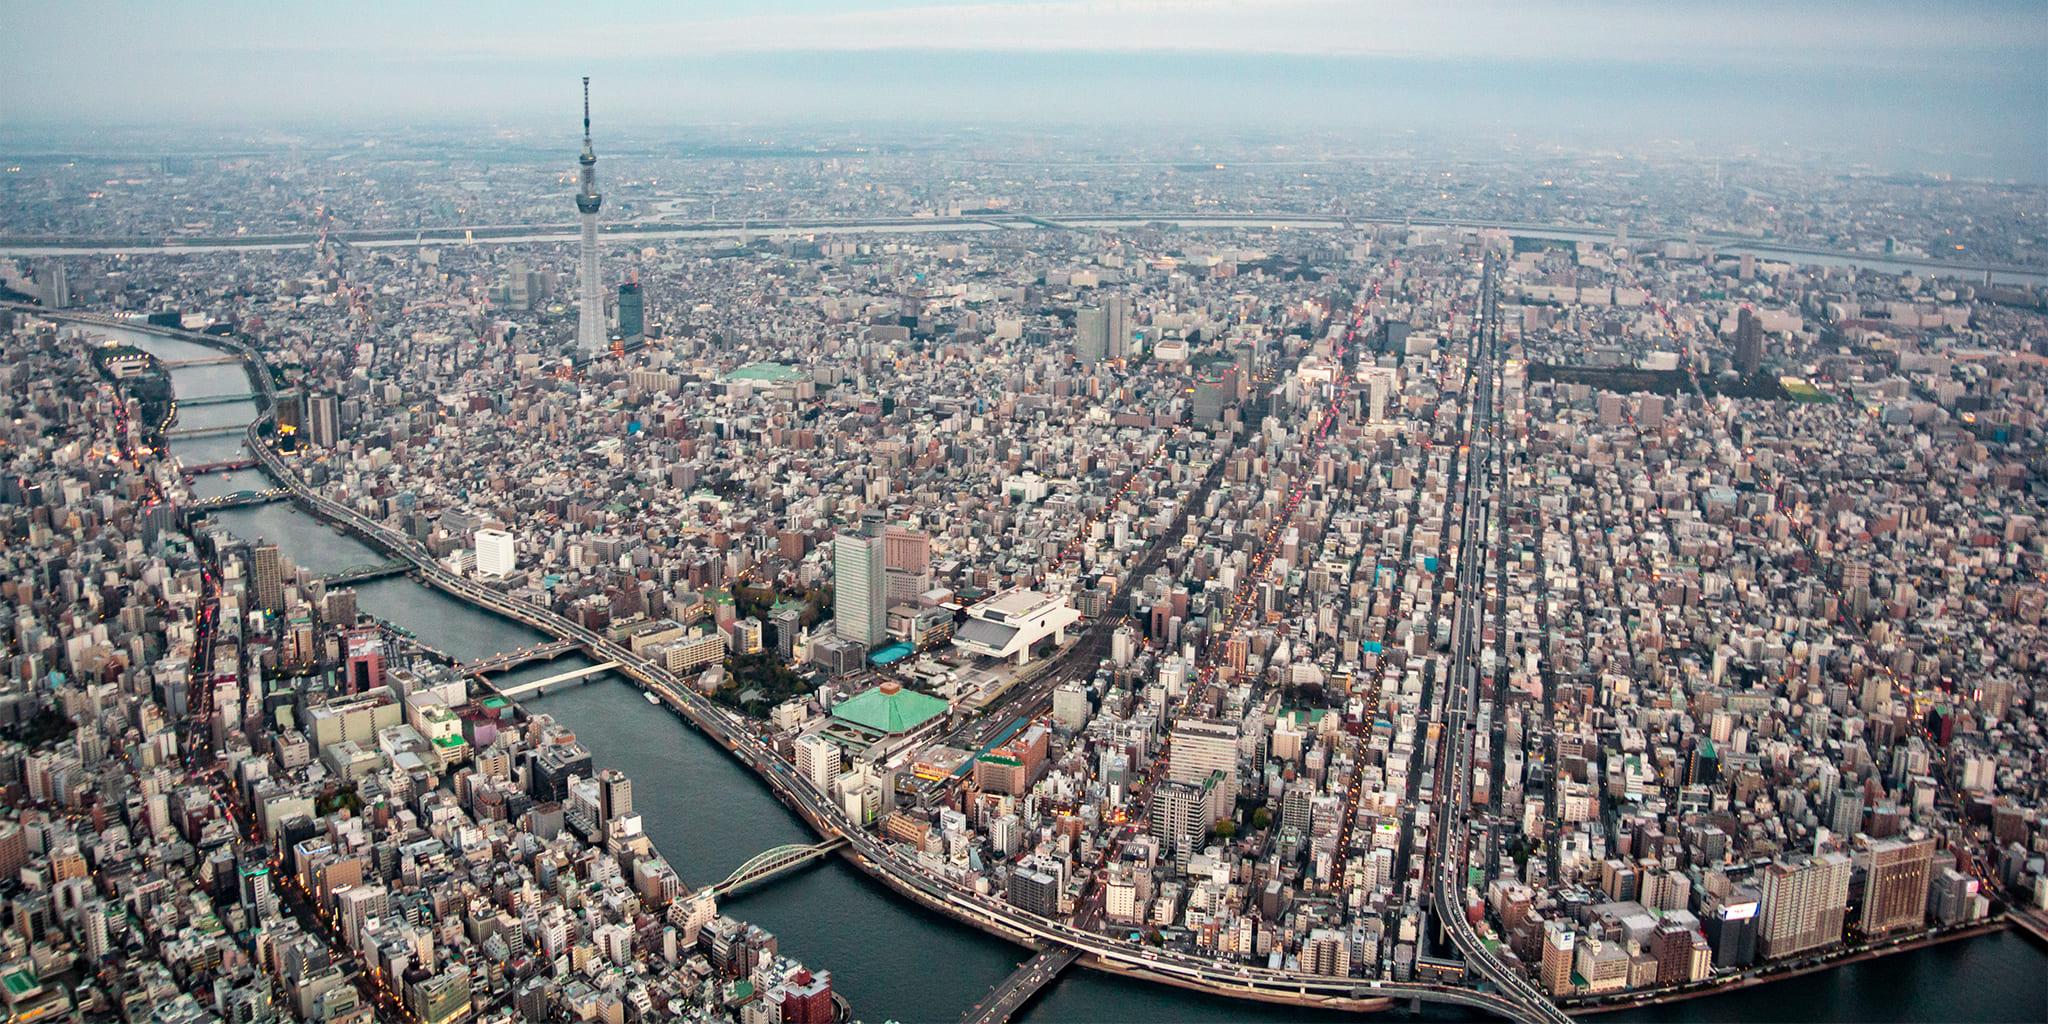 ヘリコプターで東京上空をフライトして見える両国